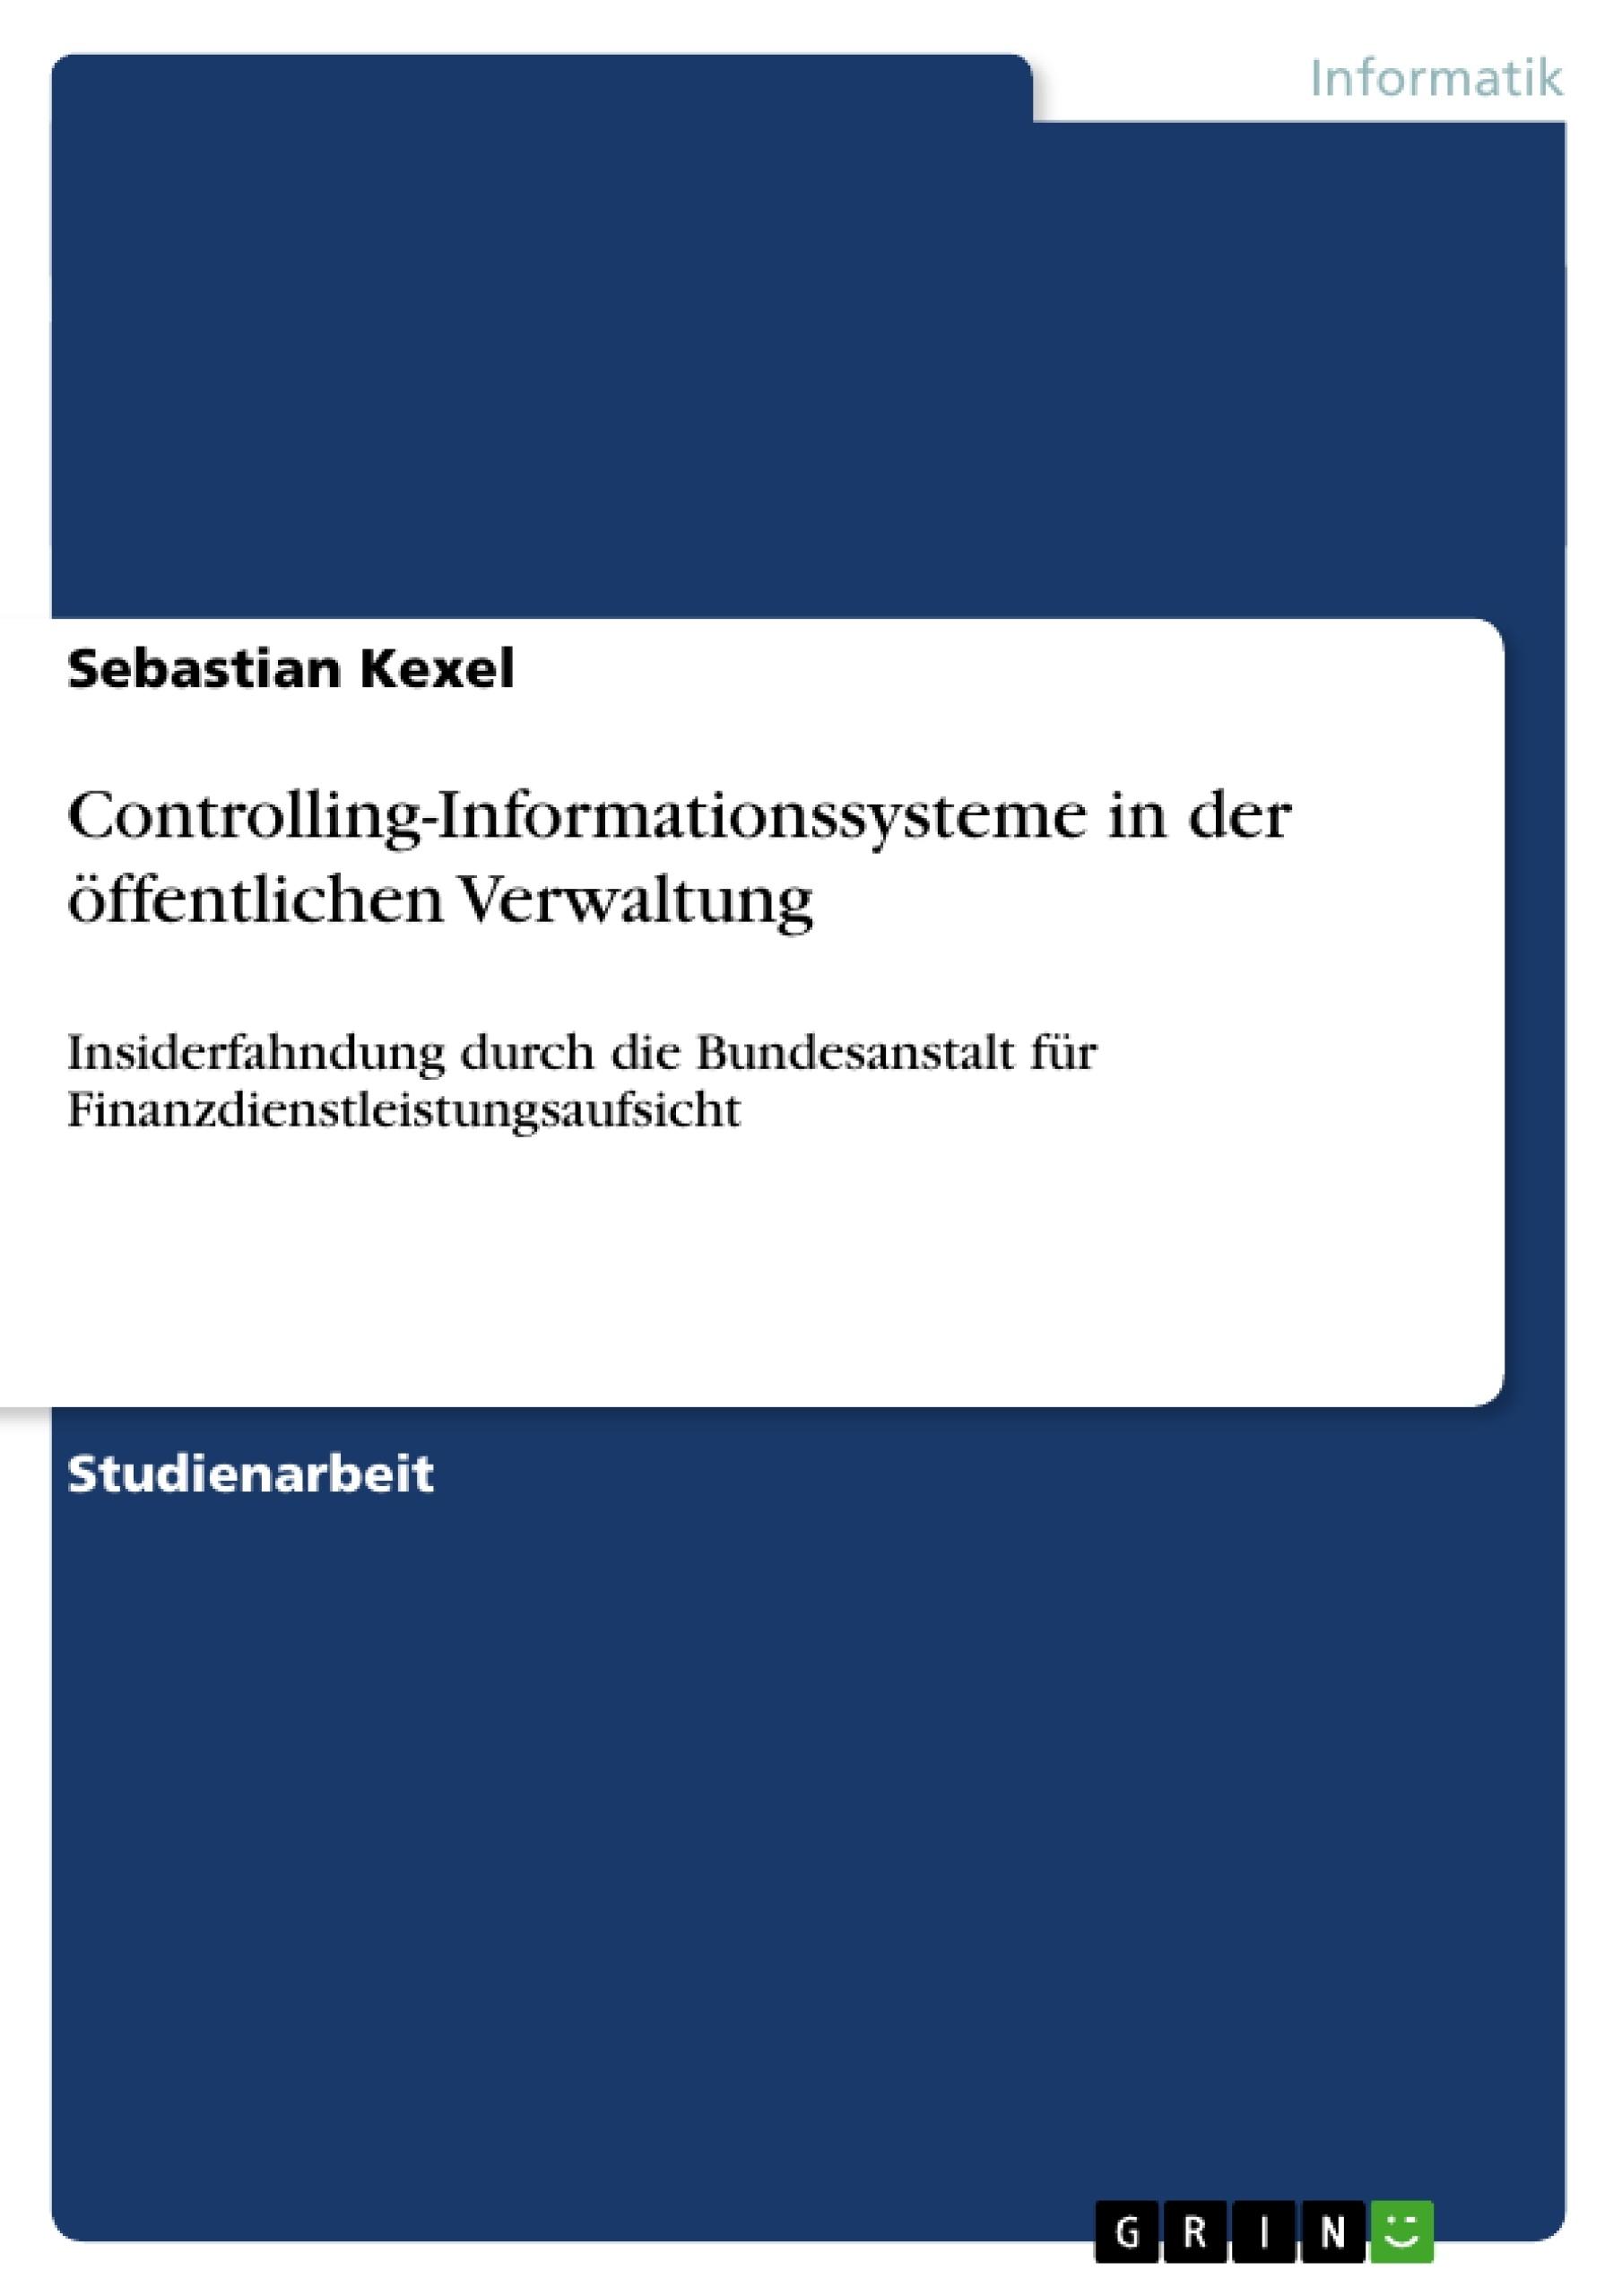 Titel: Controlling-Informationssysteme in der öffentlichen Verwaltung